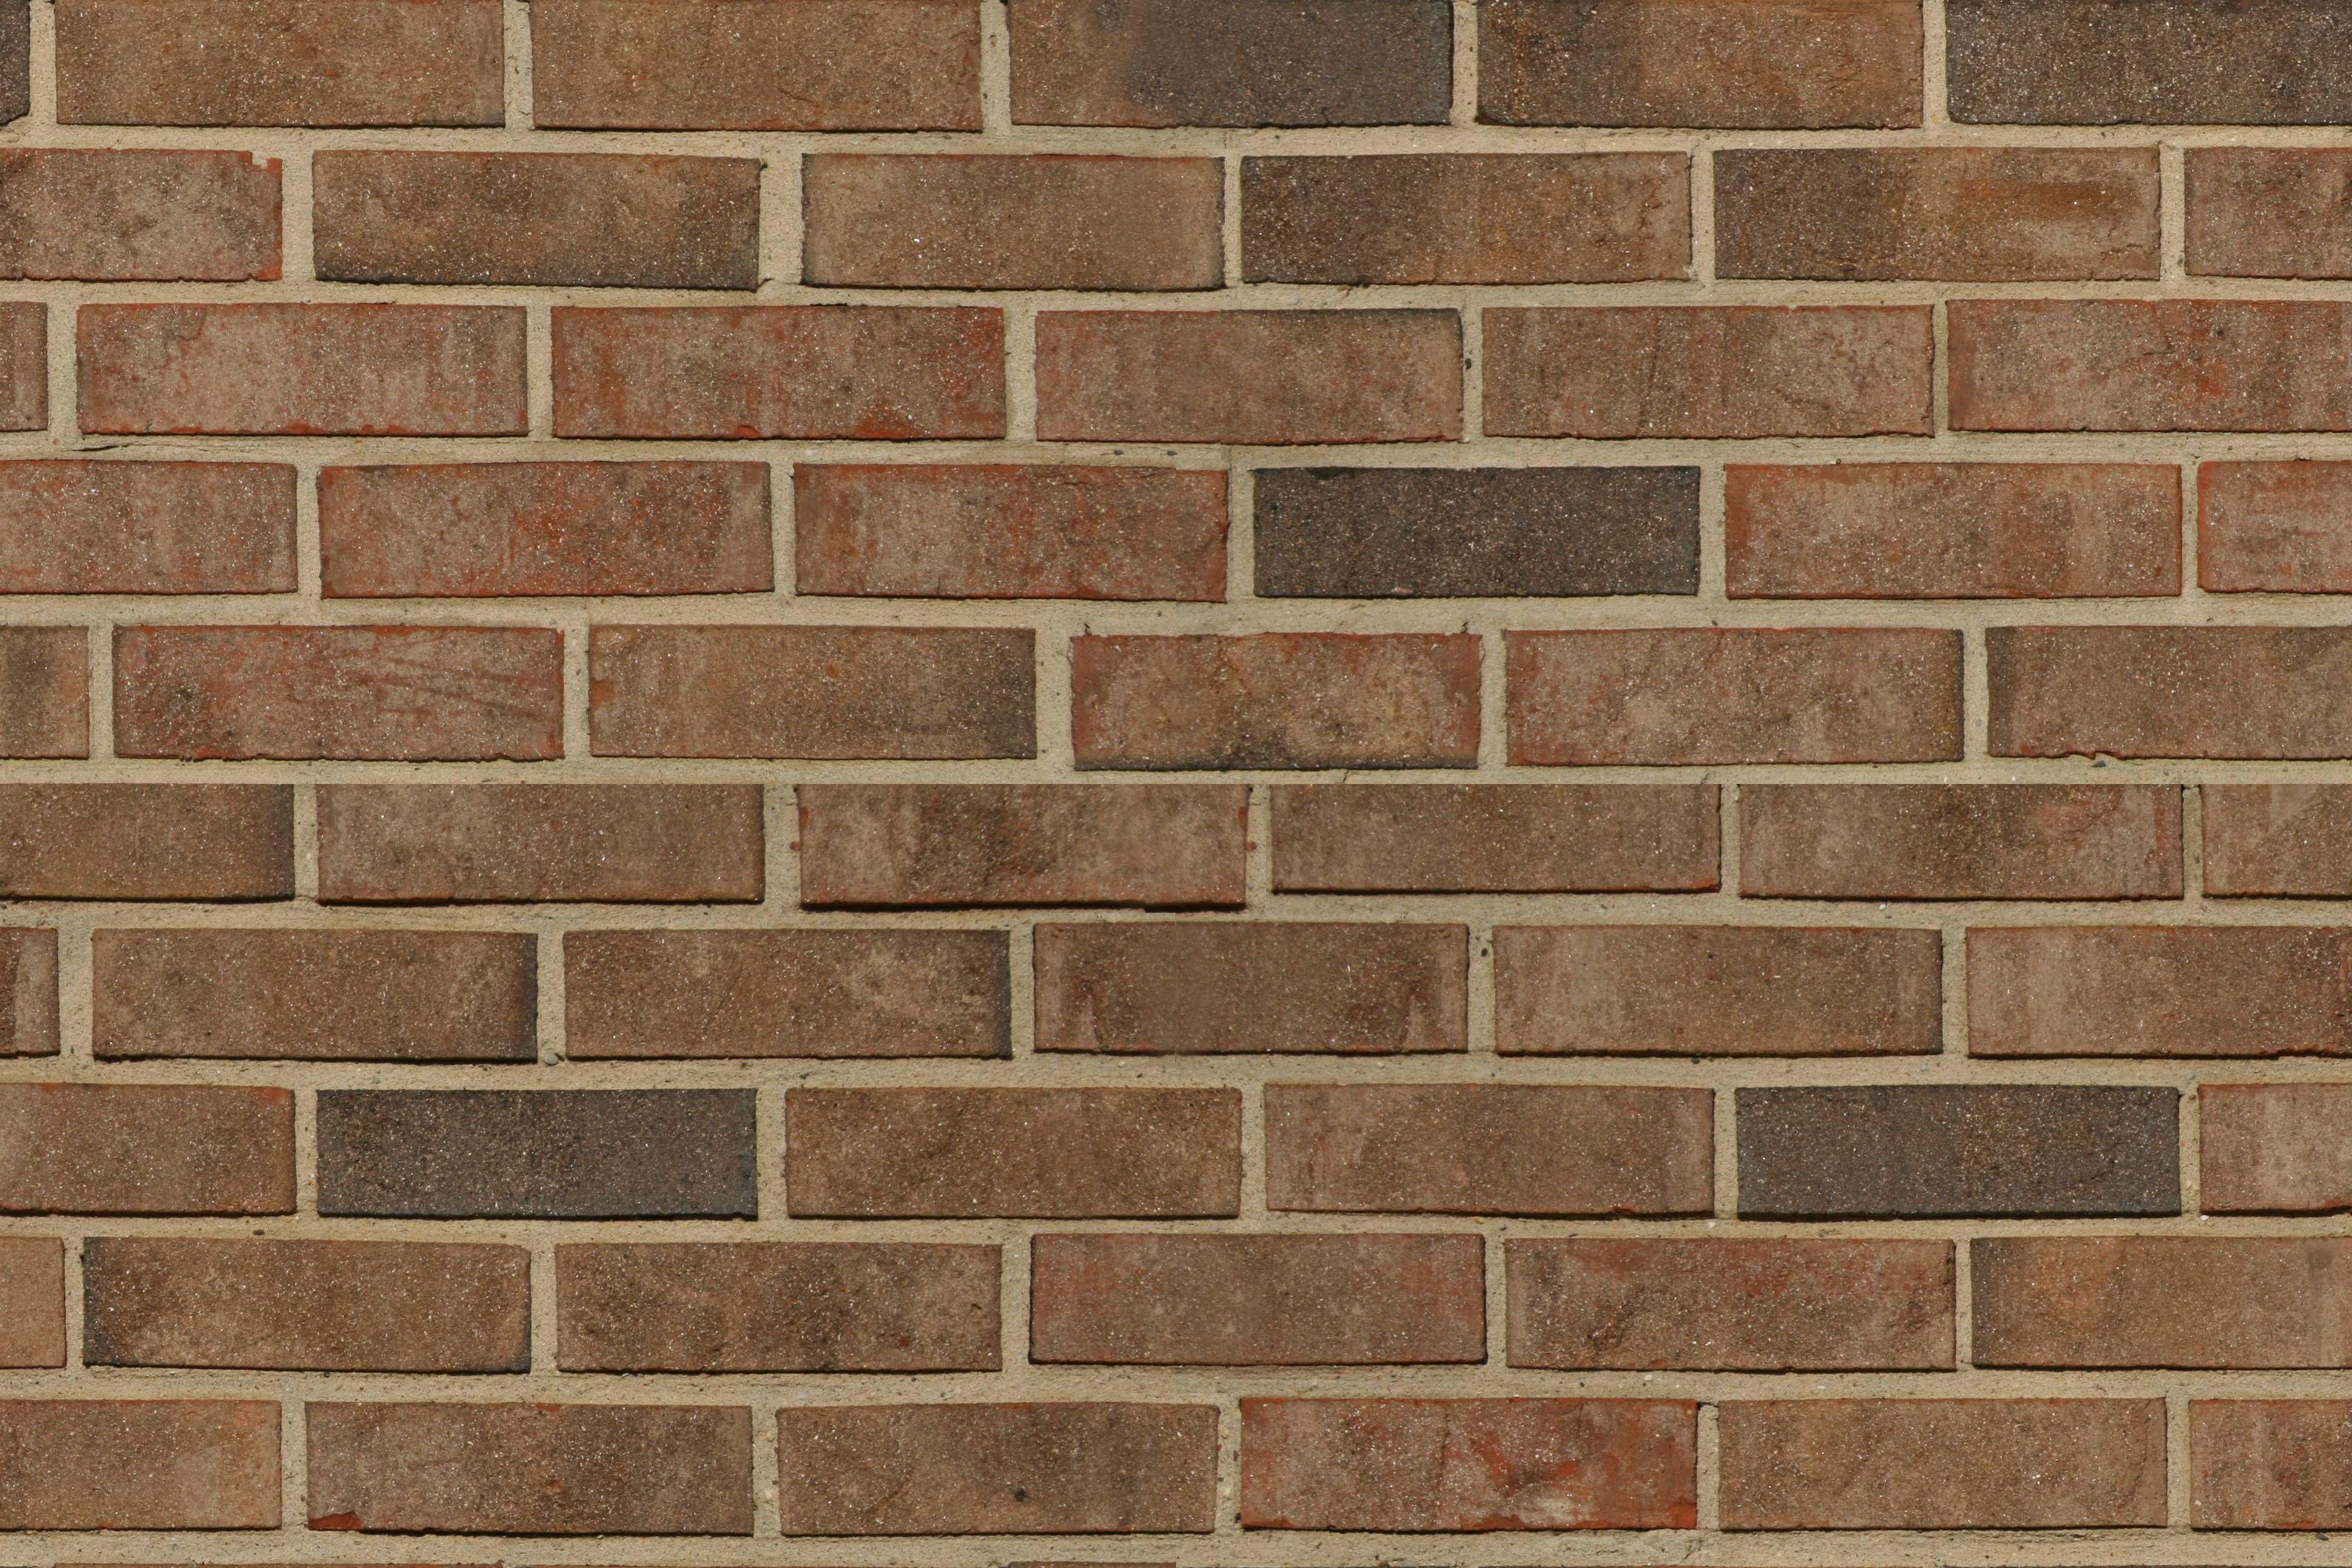 Home - Texturematecom Brick Accent Wallsbrick